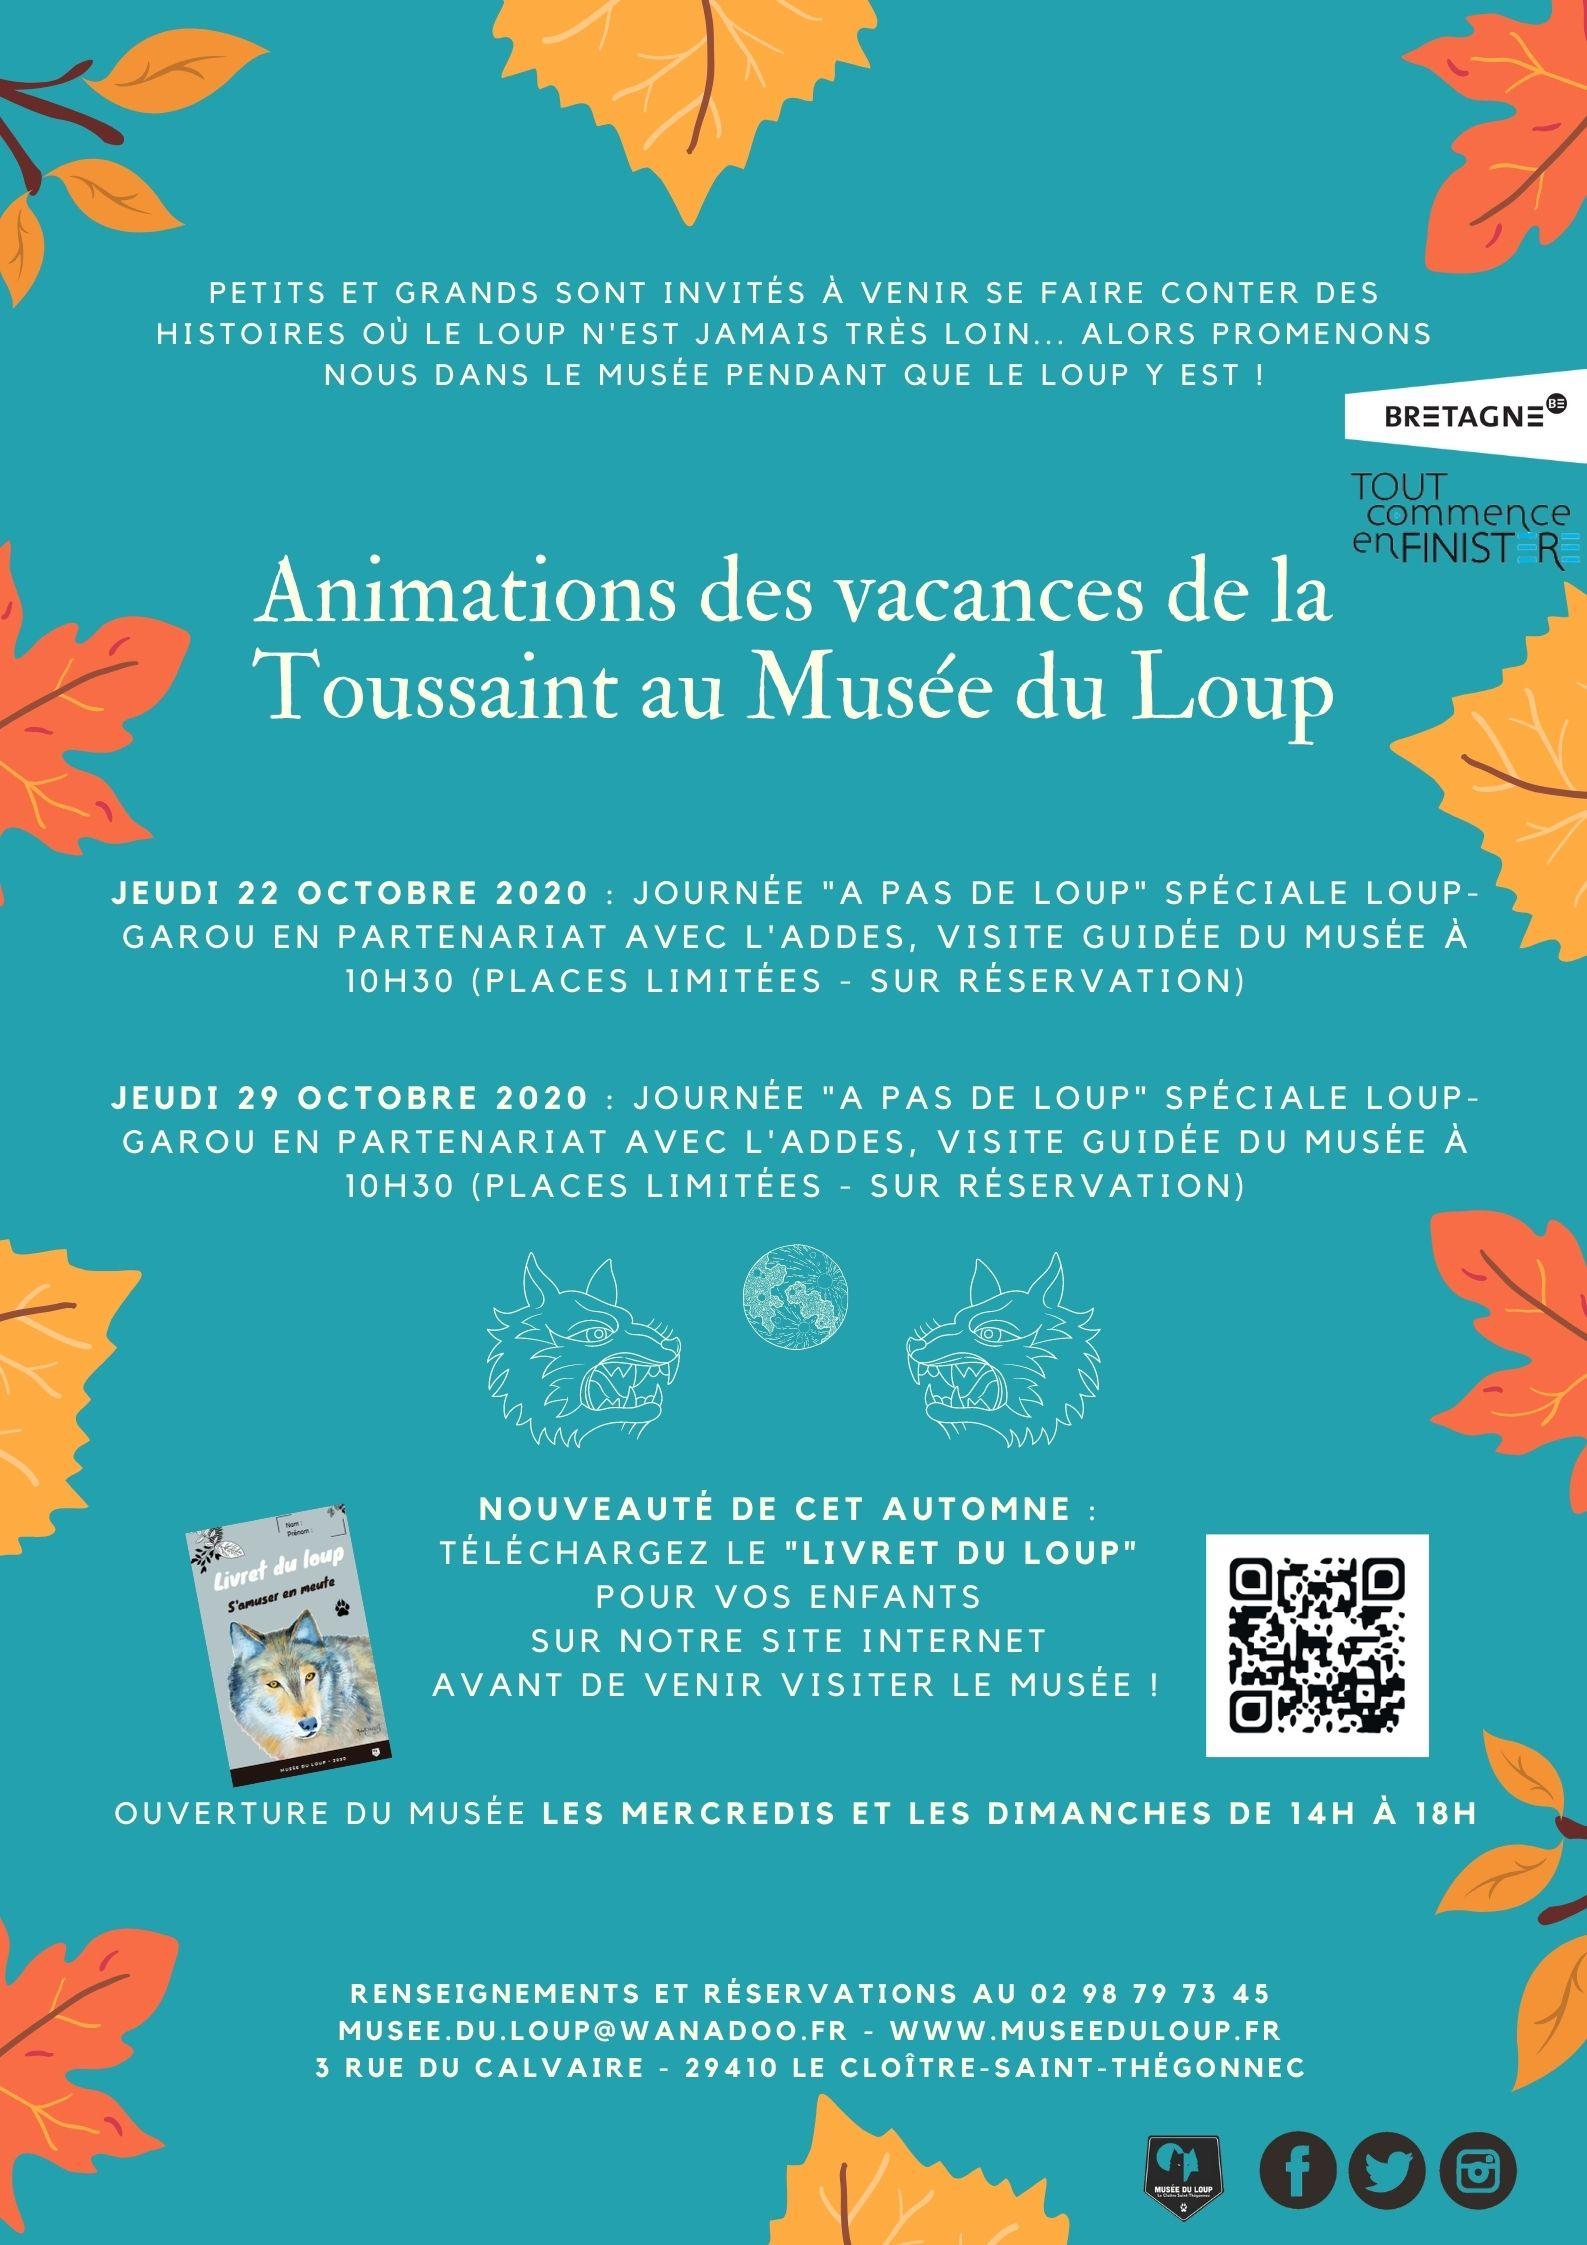 Animations des vacances de la Toussaint 2020 au Musée du Loup (3)